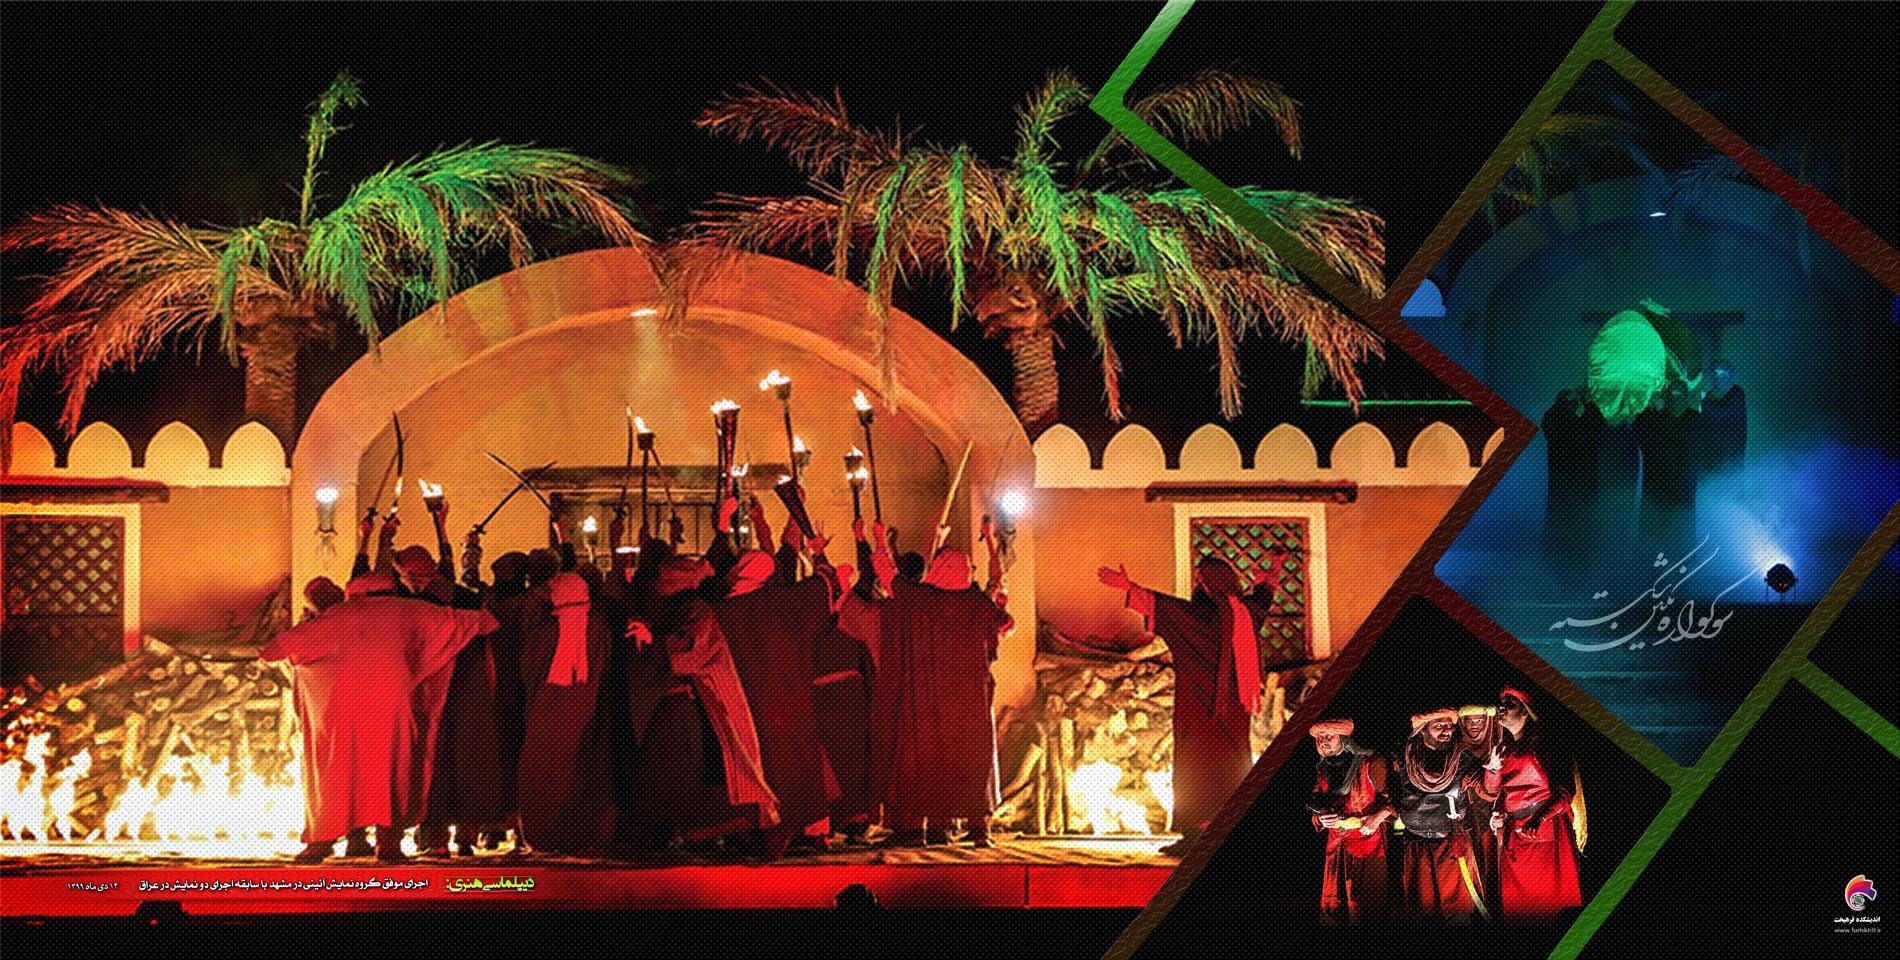 هنری/ گفتگو با اسماعیلی کارگردان مشهدی نمایش های «النجم الثاقب» و «نفس المهموم» اجرا شده در عراق